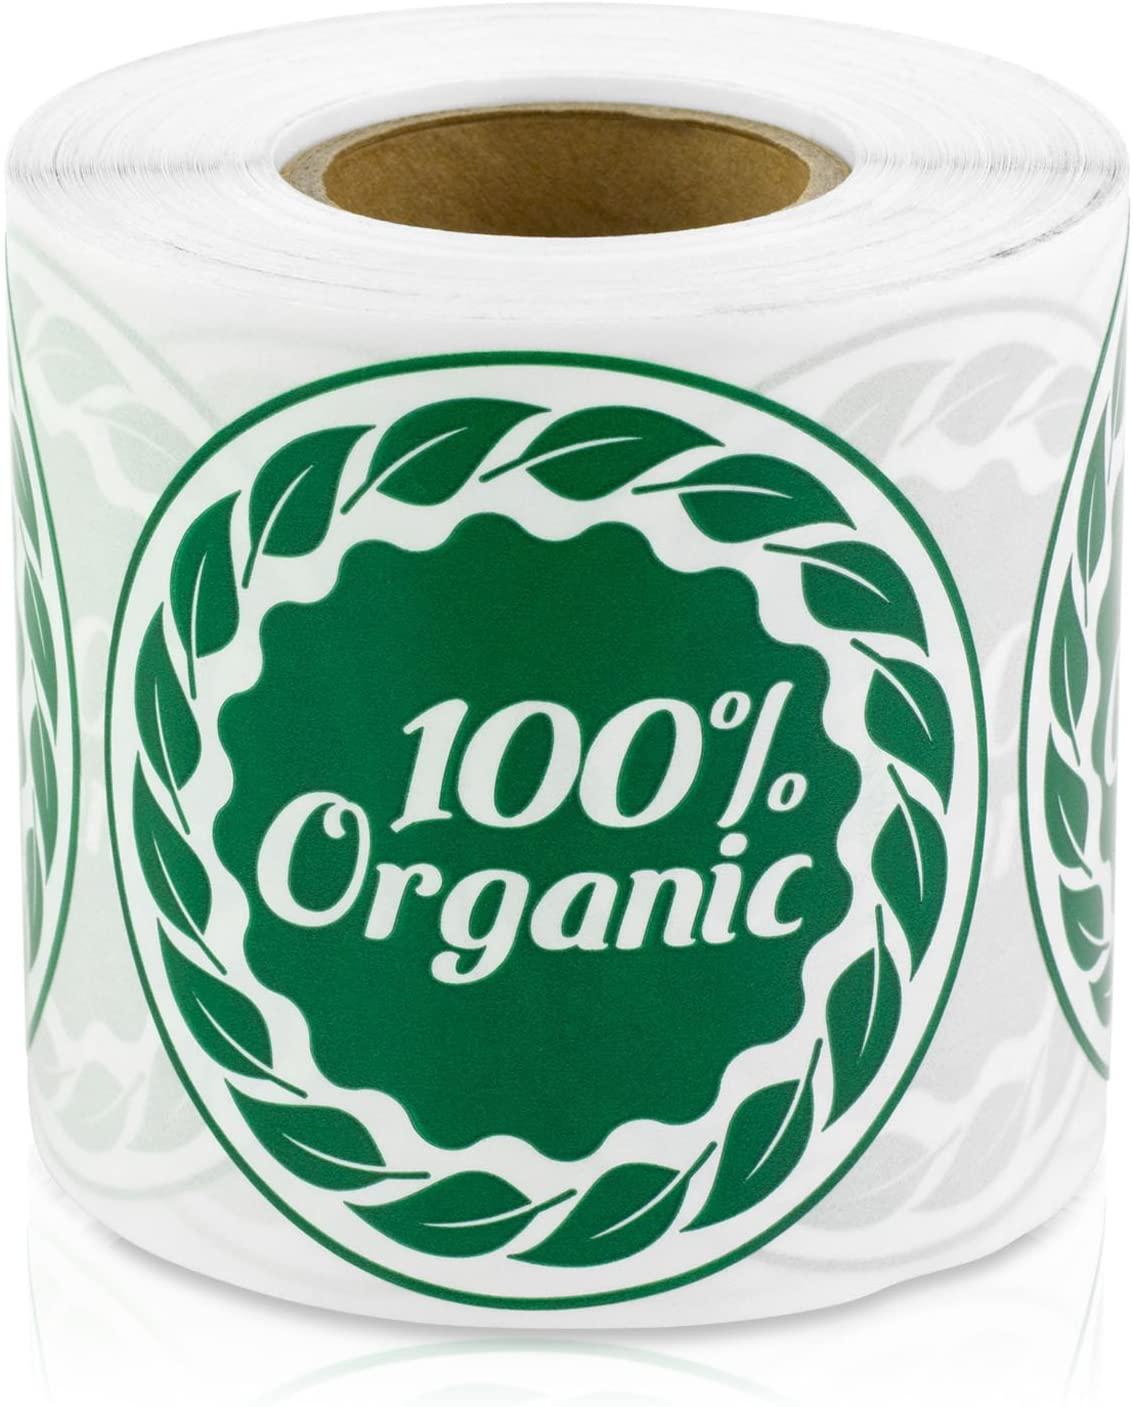 100% Organic Food Farm Farmer's Market Fruit Stand Hobby Farm 2